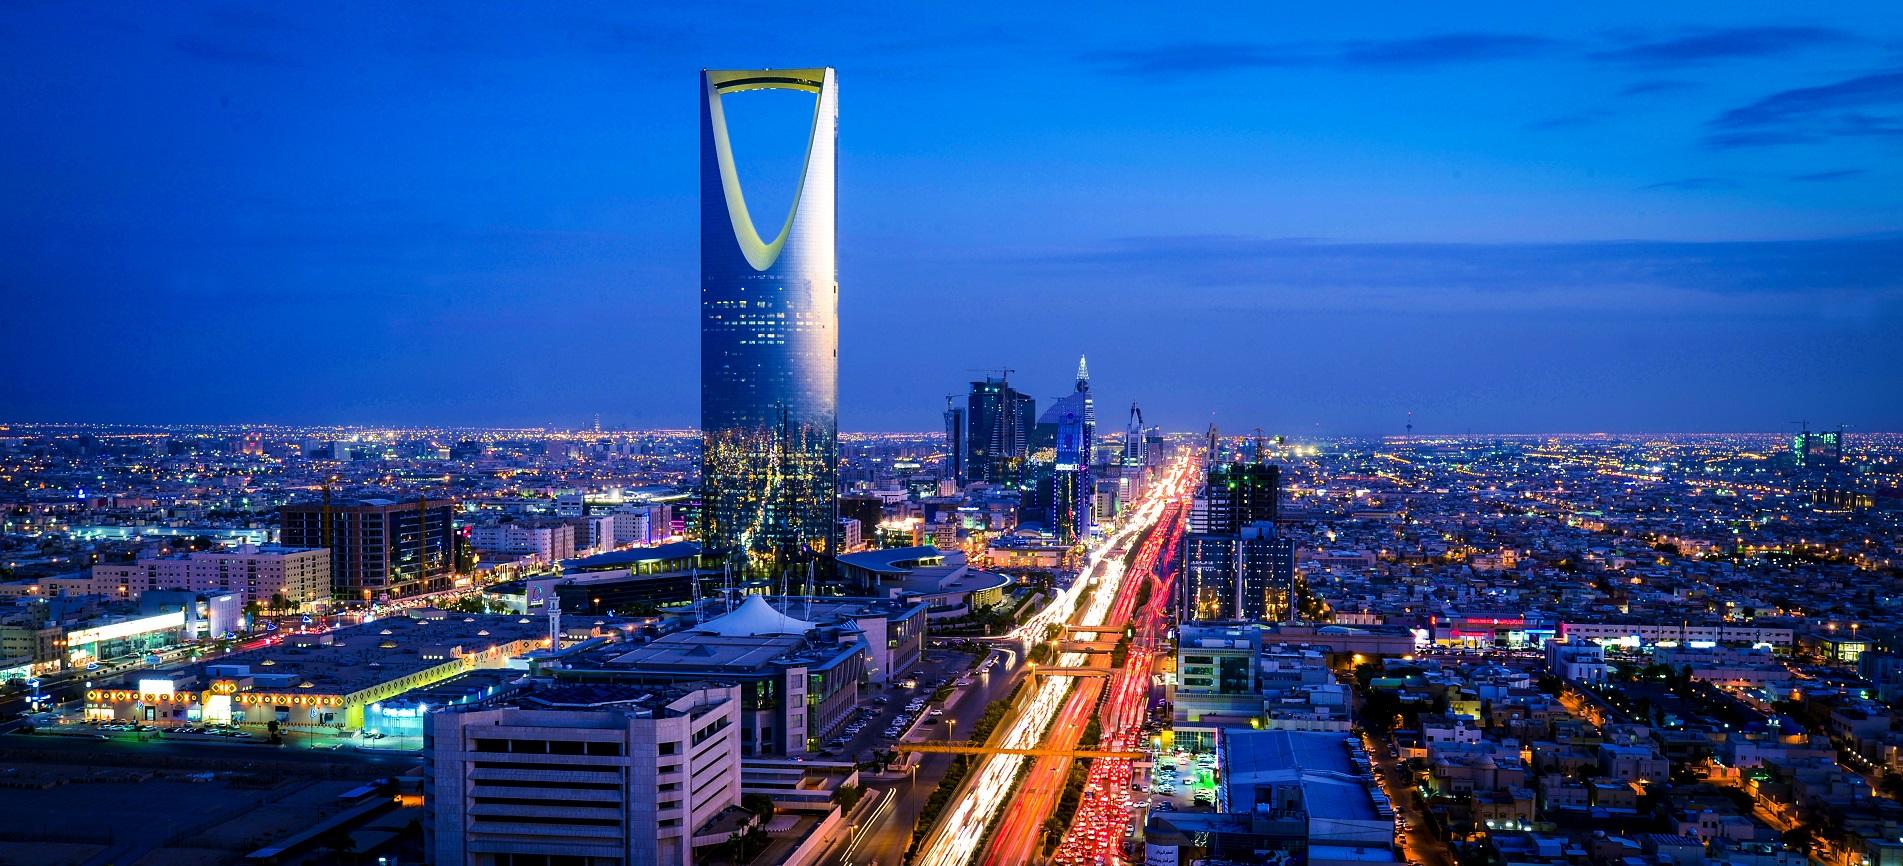 اهم الاماكن السياحيه في الرياض